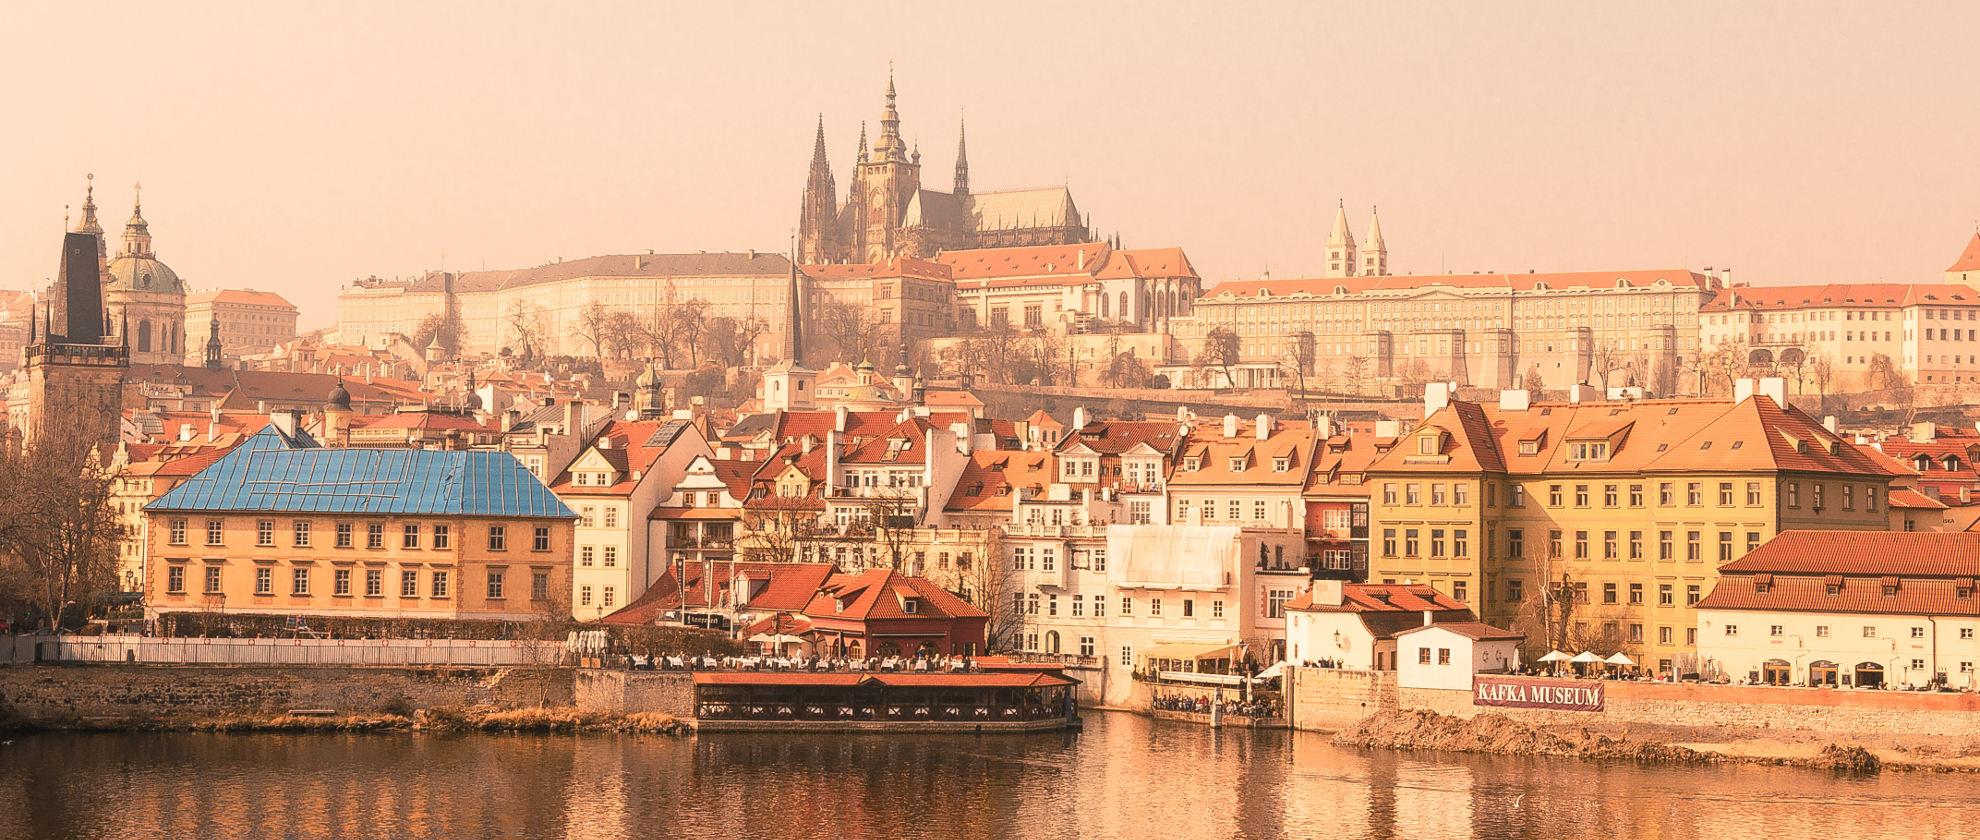 Travel Bucket List: Prague